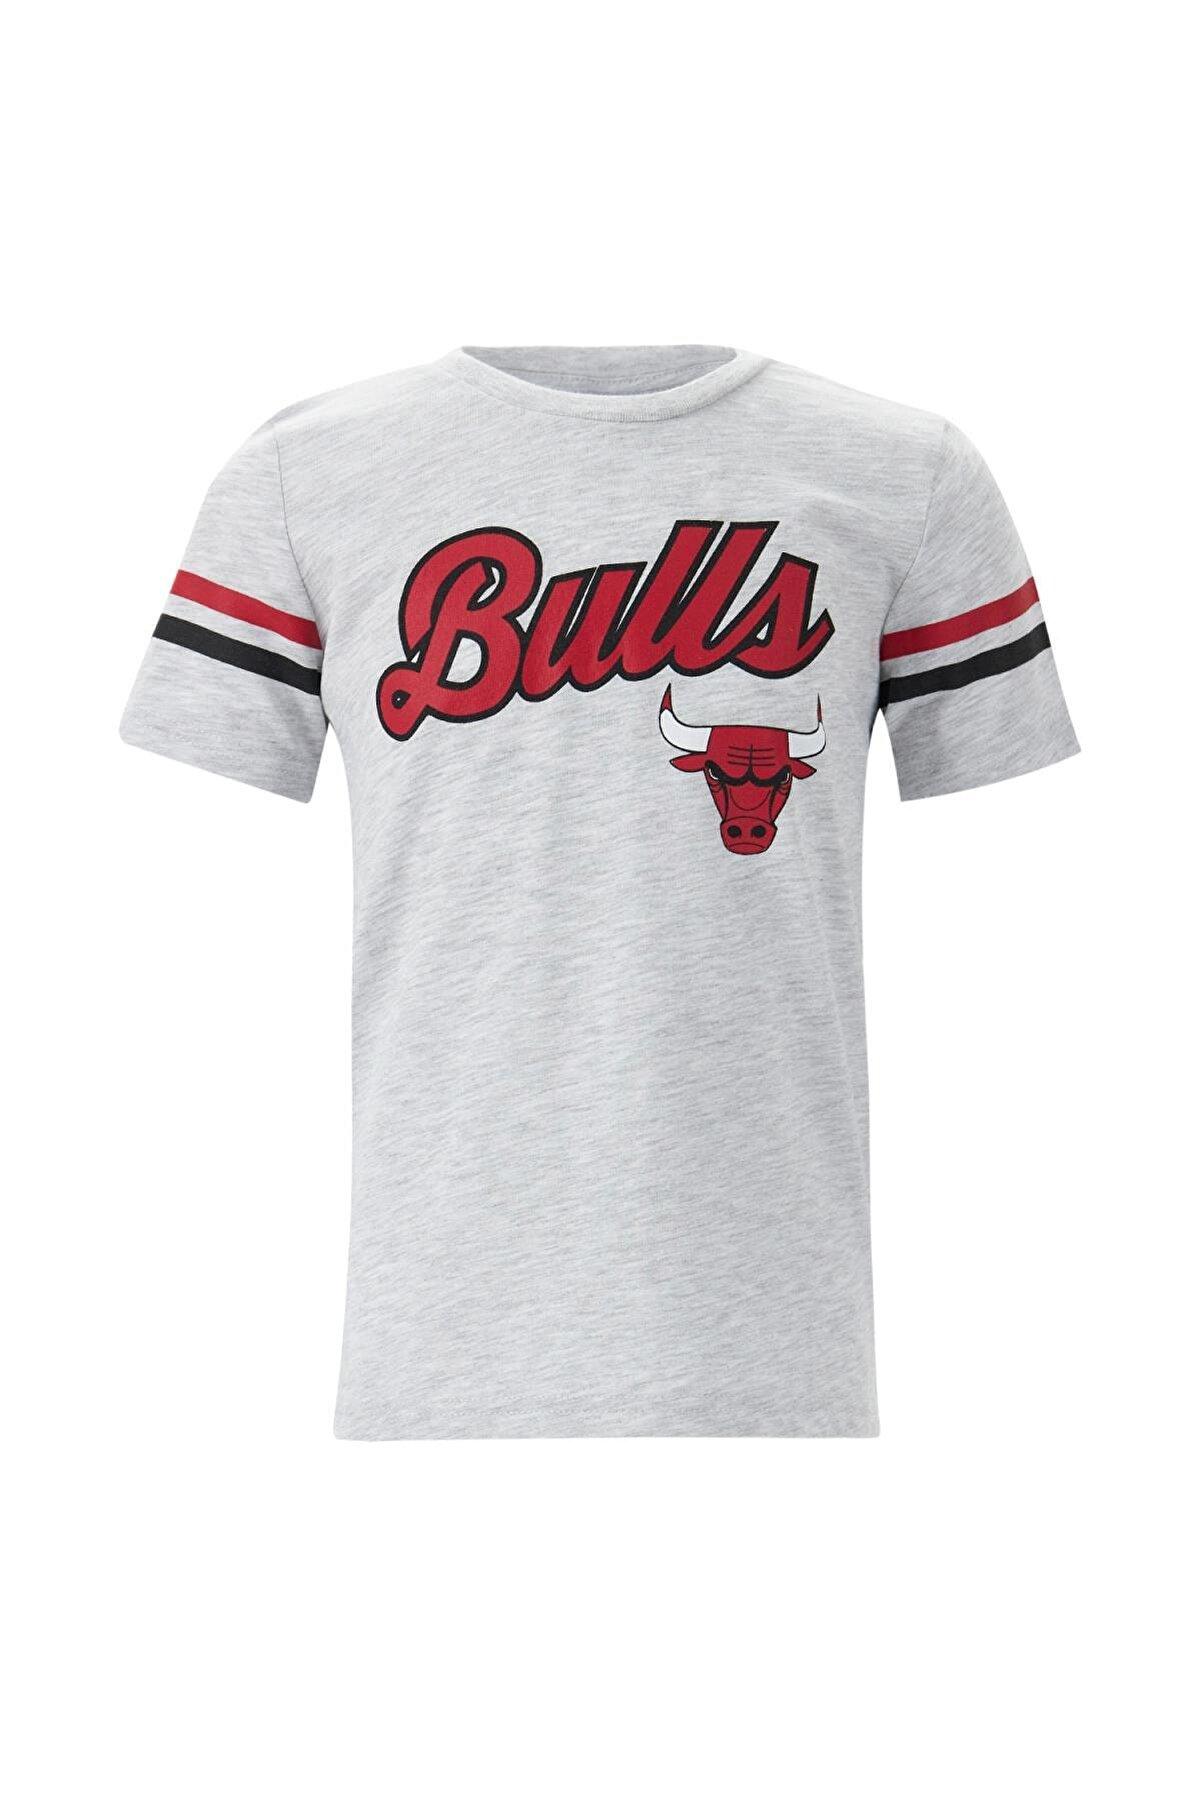 Defacto Erkek Çocuk Chicago Bulls Lisanslı Kısa Kol Tişört